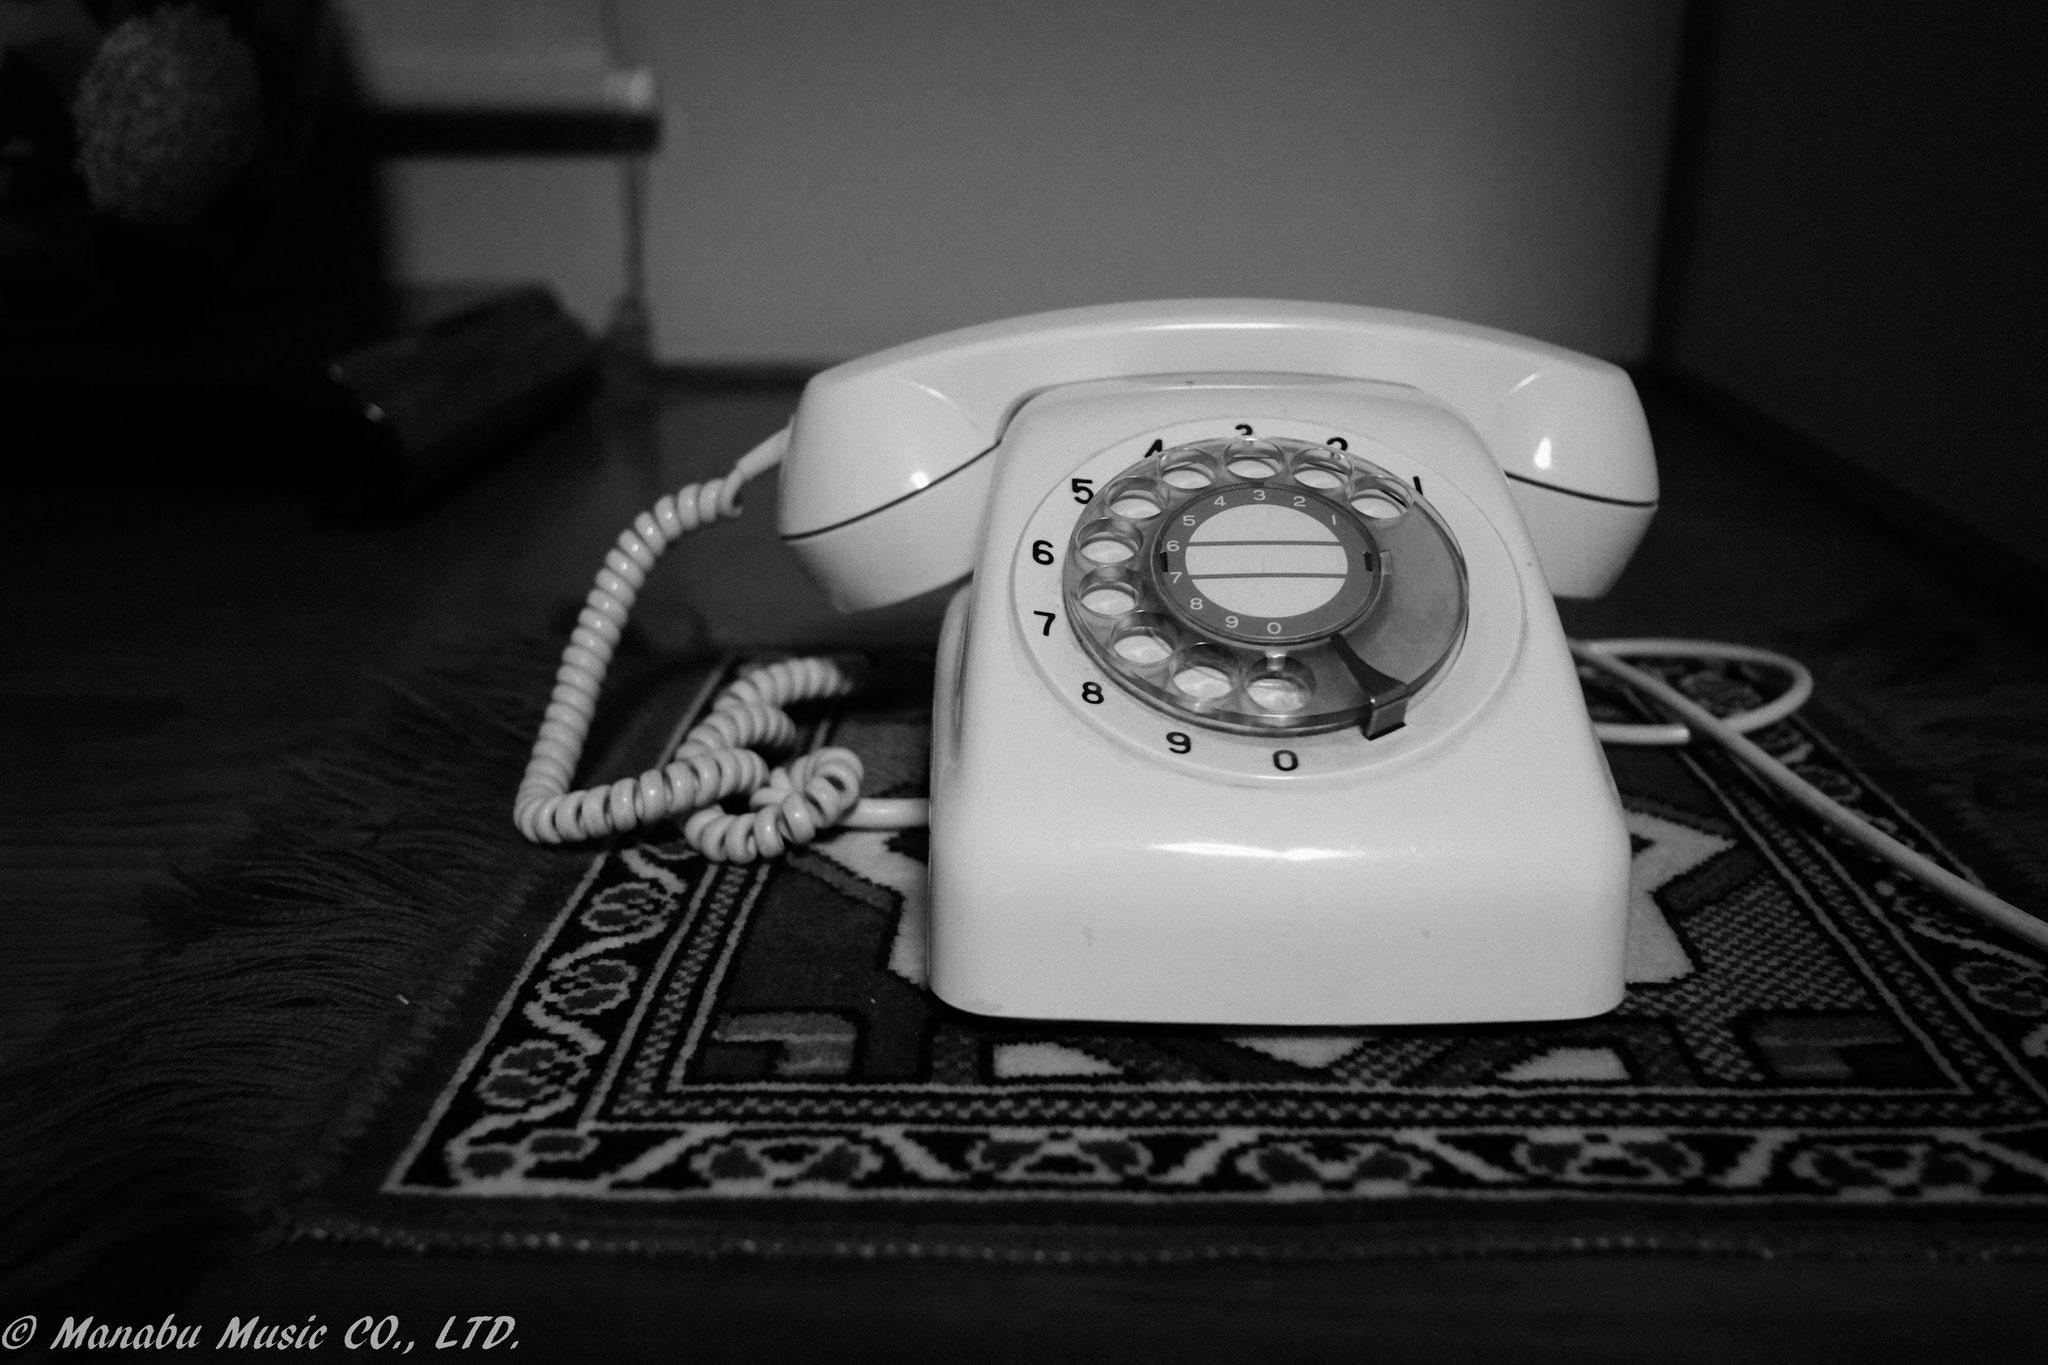 秘湯の宿の電話機は、昭和のマンマです。レトロ感がたまりません。  X-E2 XF18mm